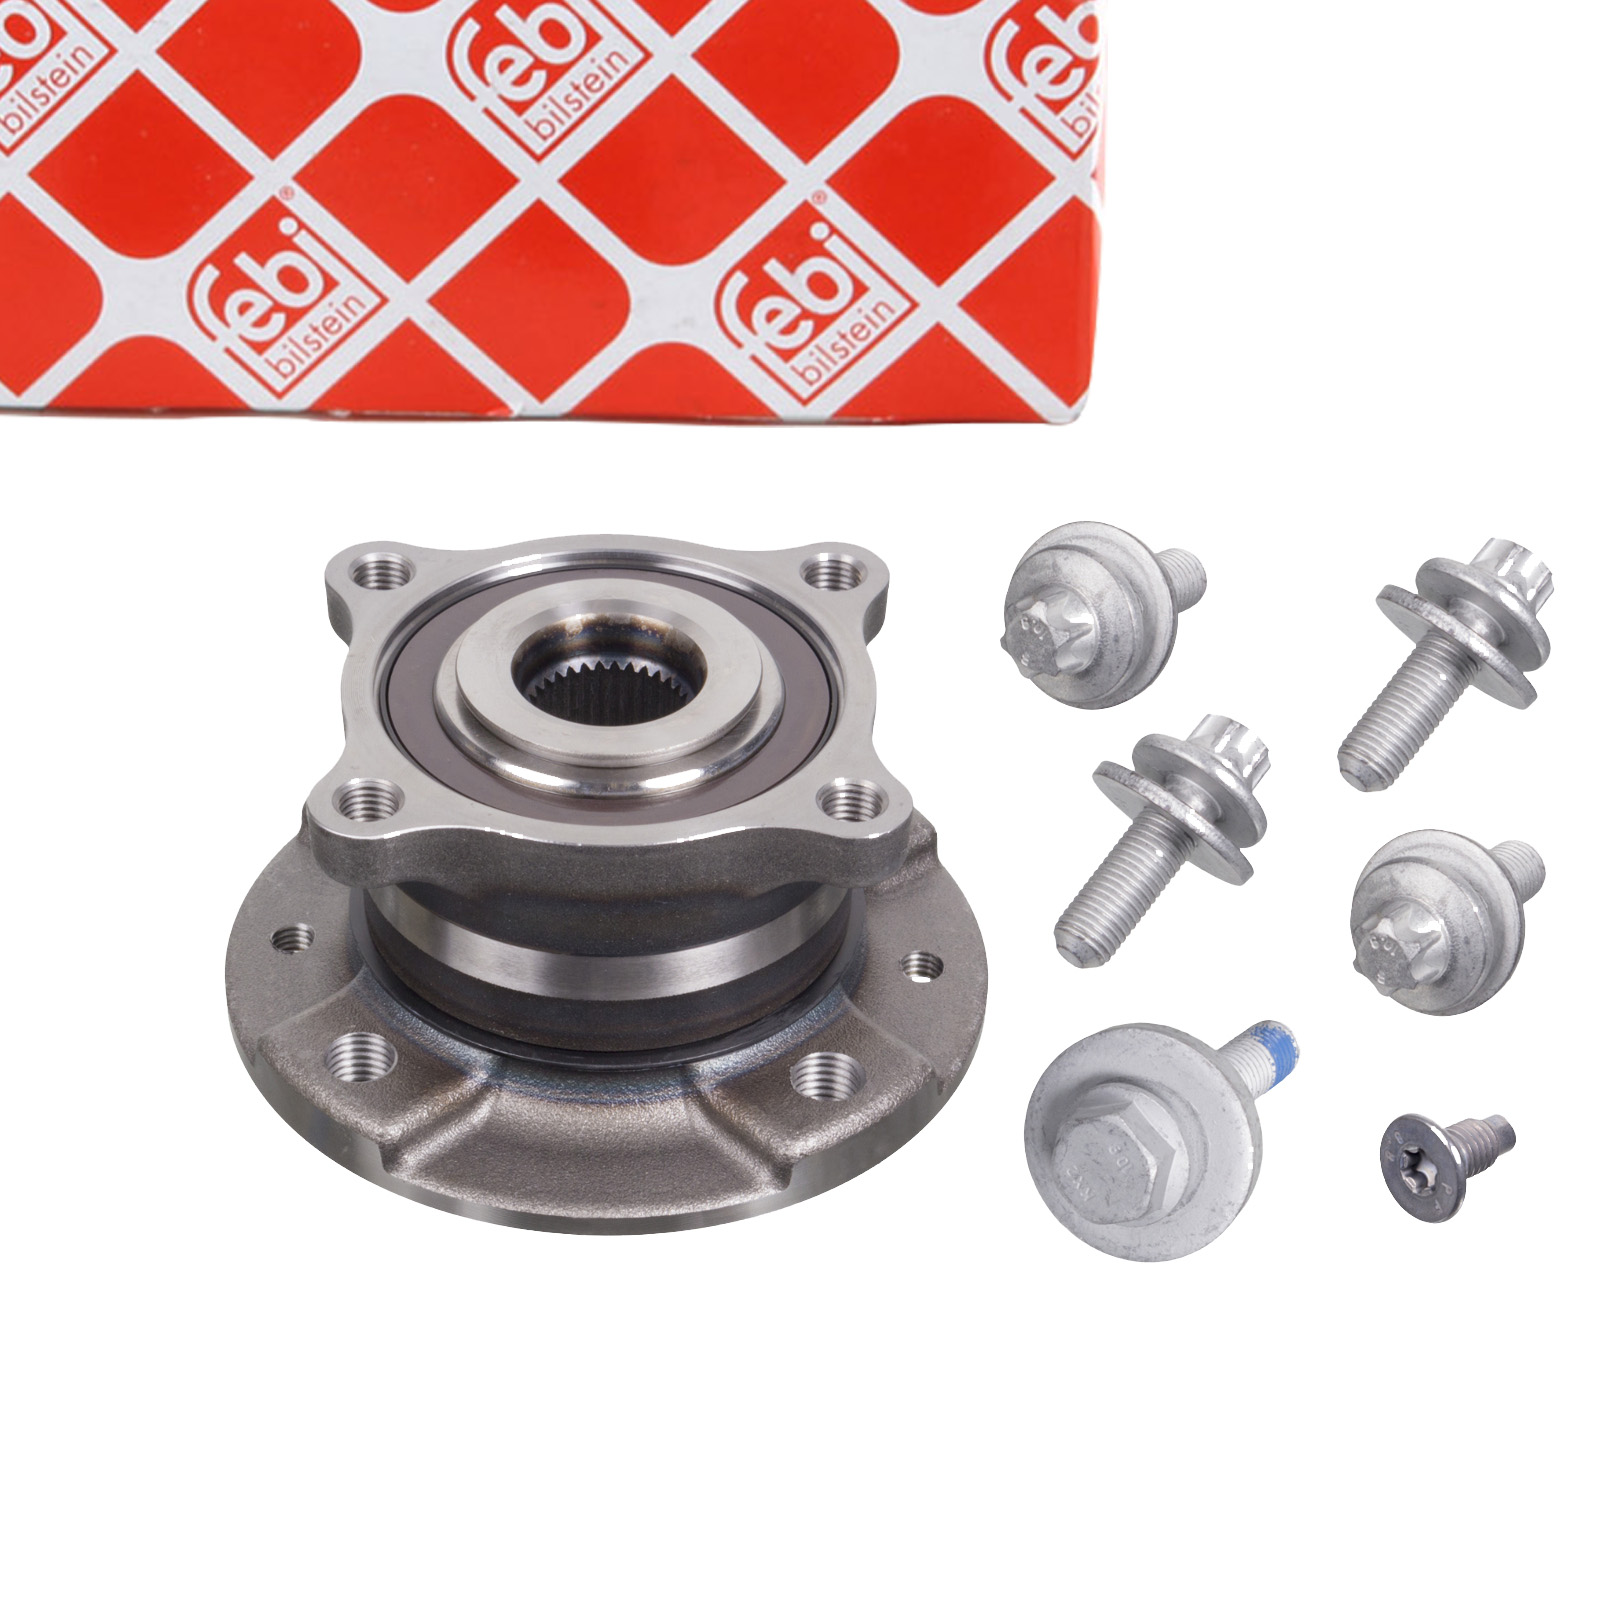 FEBI 102967 Radlagersatz Radnabe RENAULT Twingo 3 0.9 TCe / 1.0 SCe hinten 432067636R